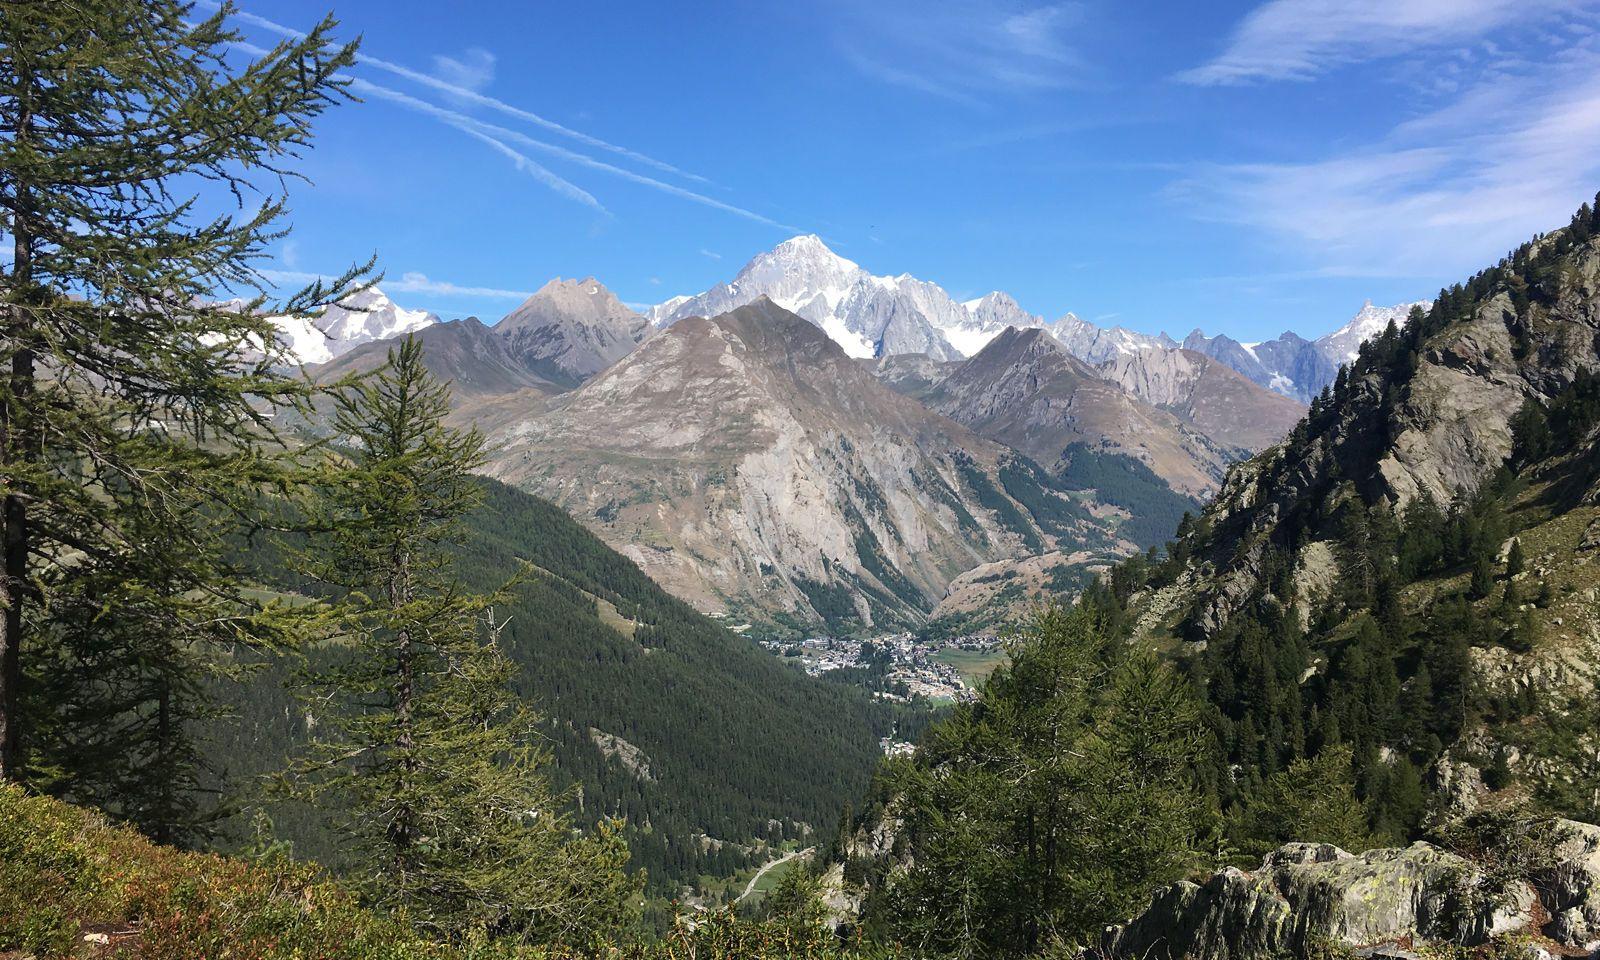 Der Mont Blanc ist meist in Sichtweite.